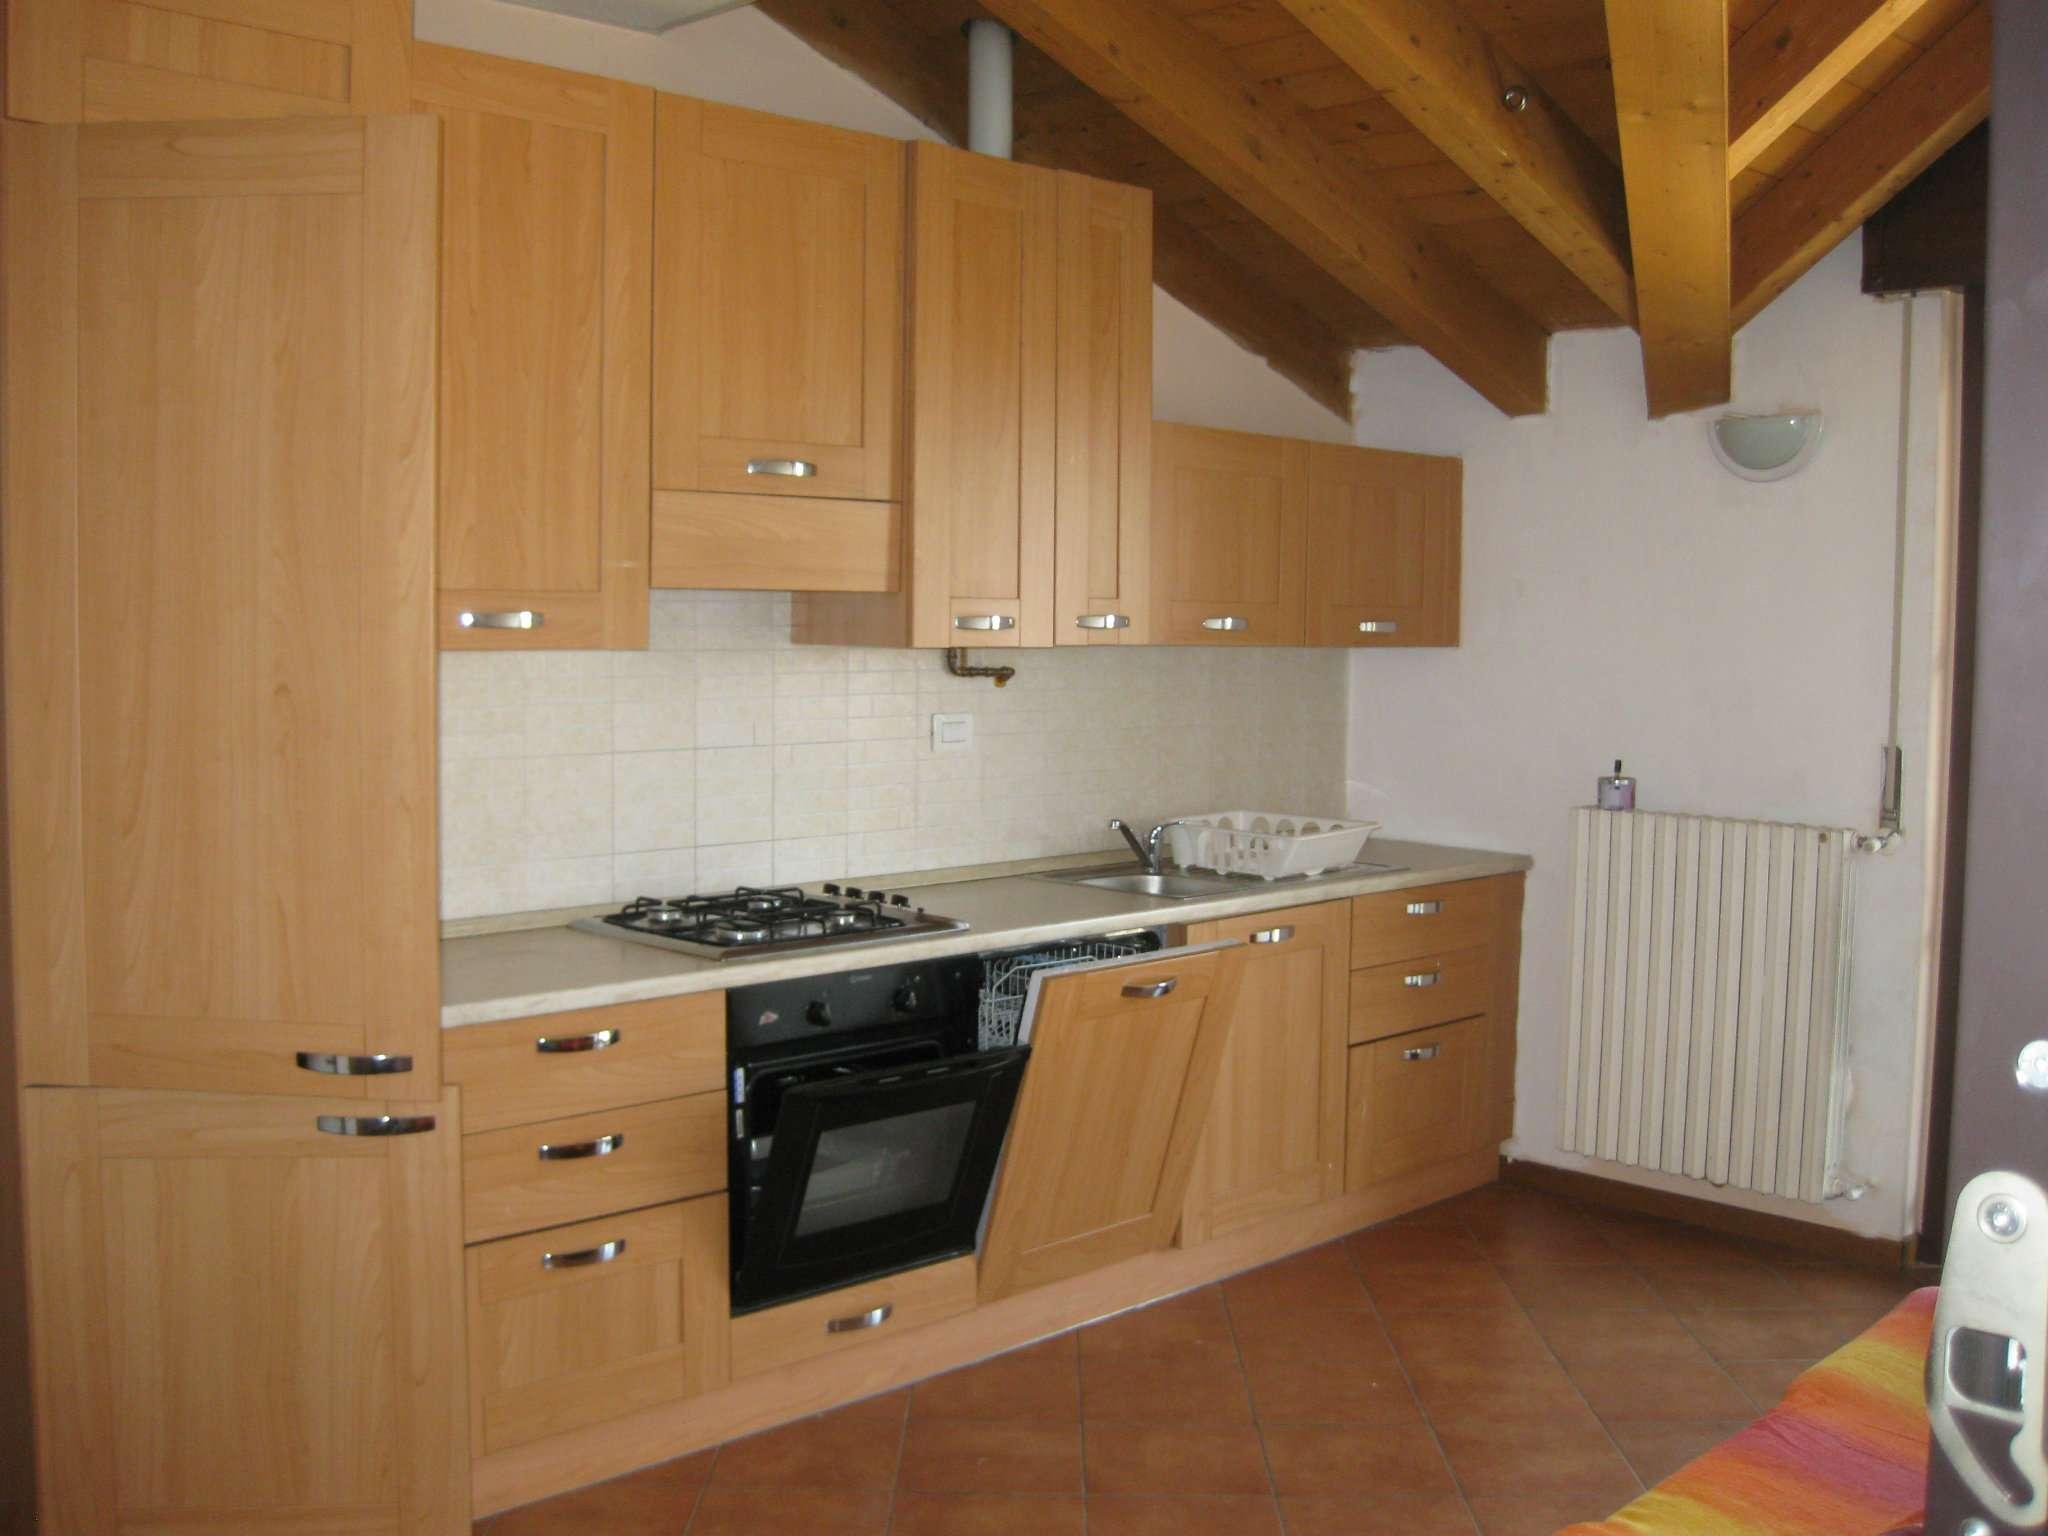 Attico / Mansarda in affitto a Senago, 2 locali, prezzo € 500 | CambioCasa.it